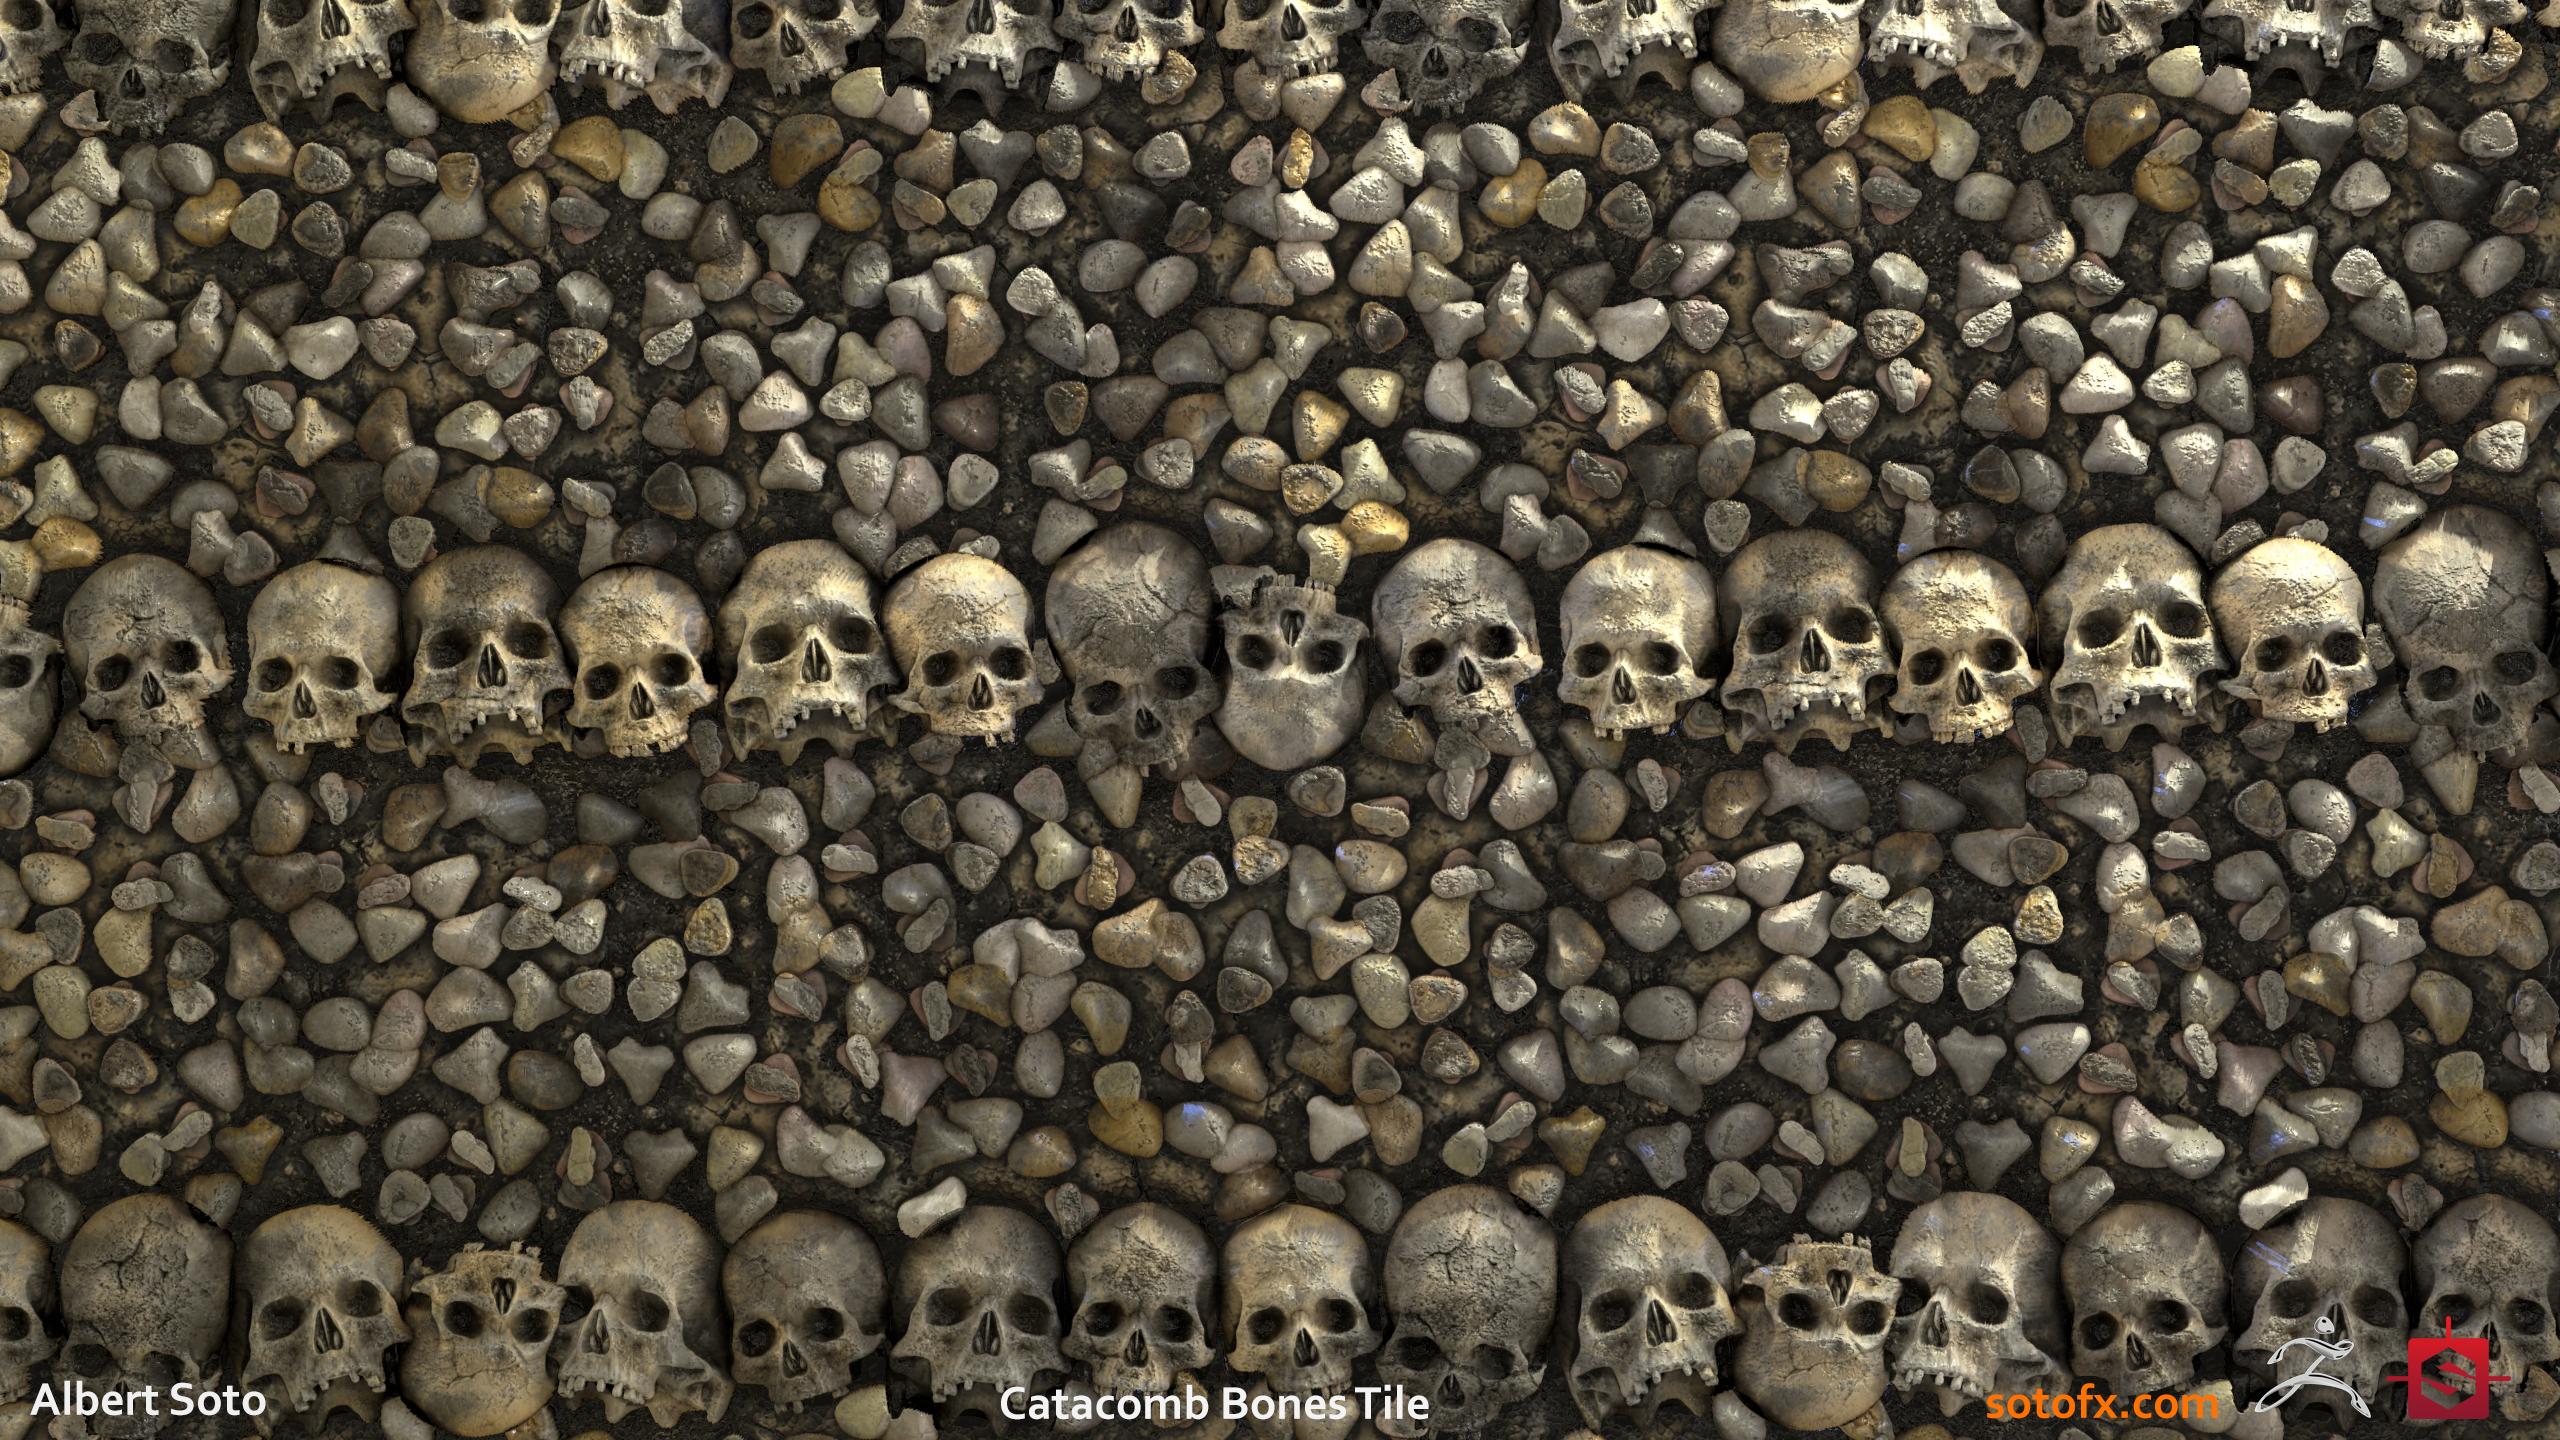 CatacombBones